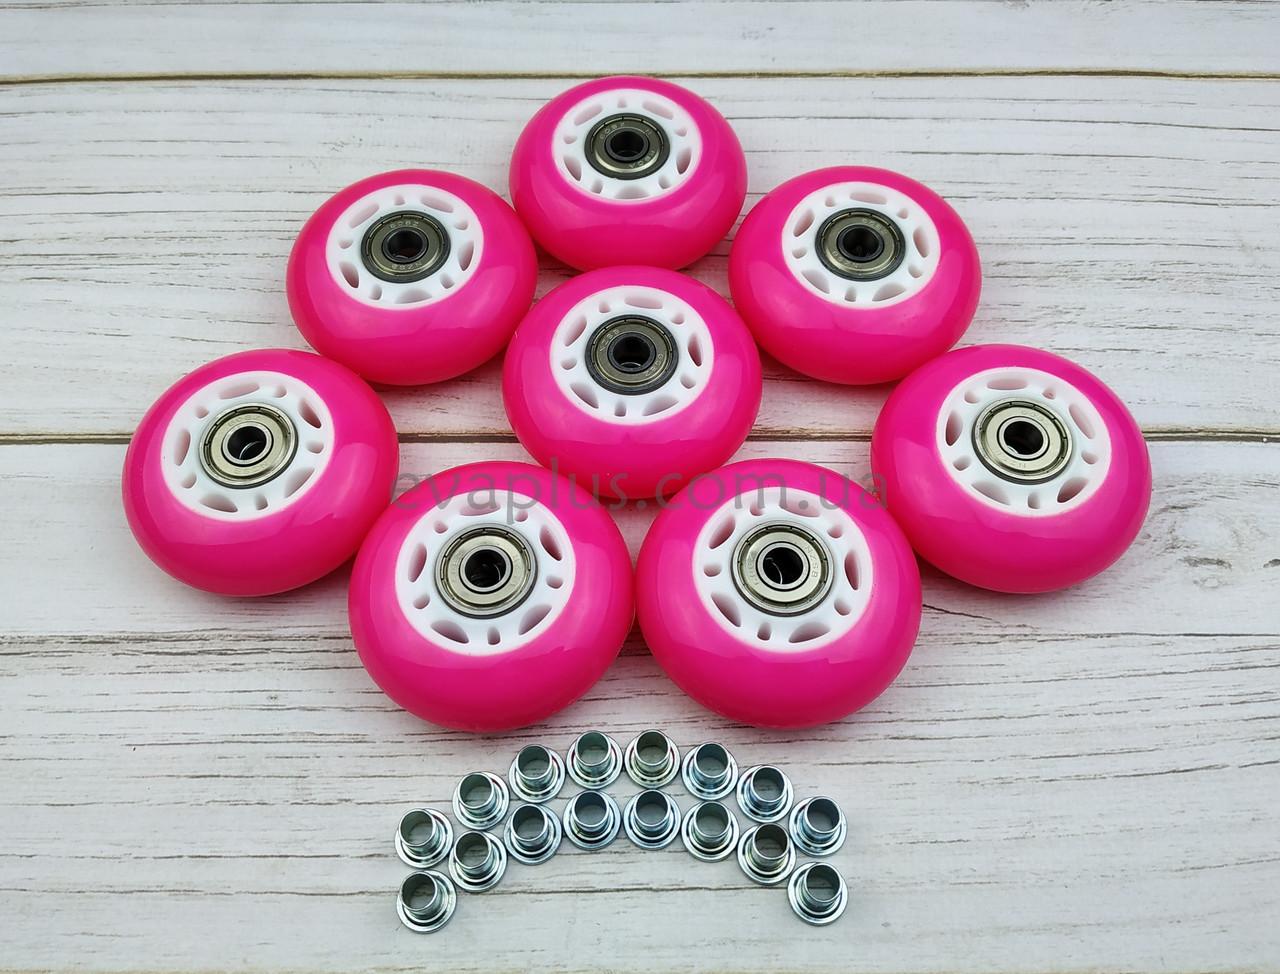 Колеса для роликовых коньков 64 мм. 8 шт (розовые)